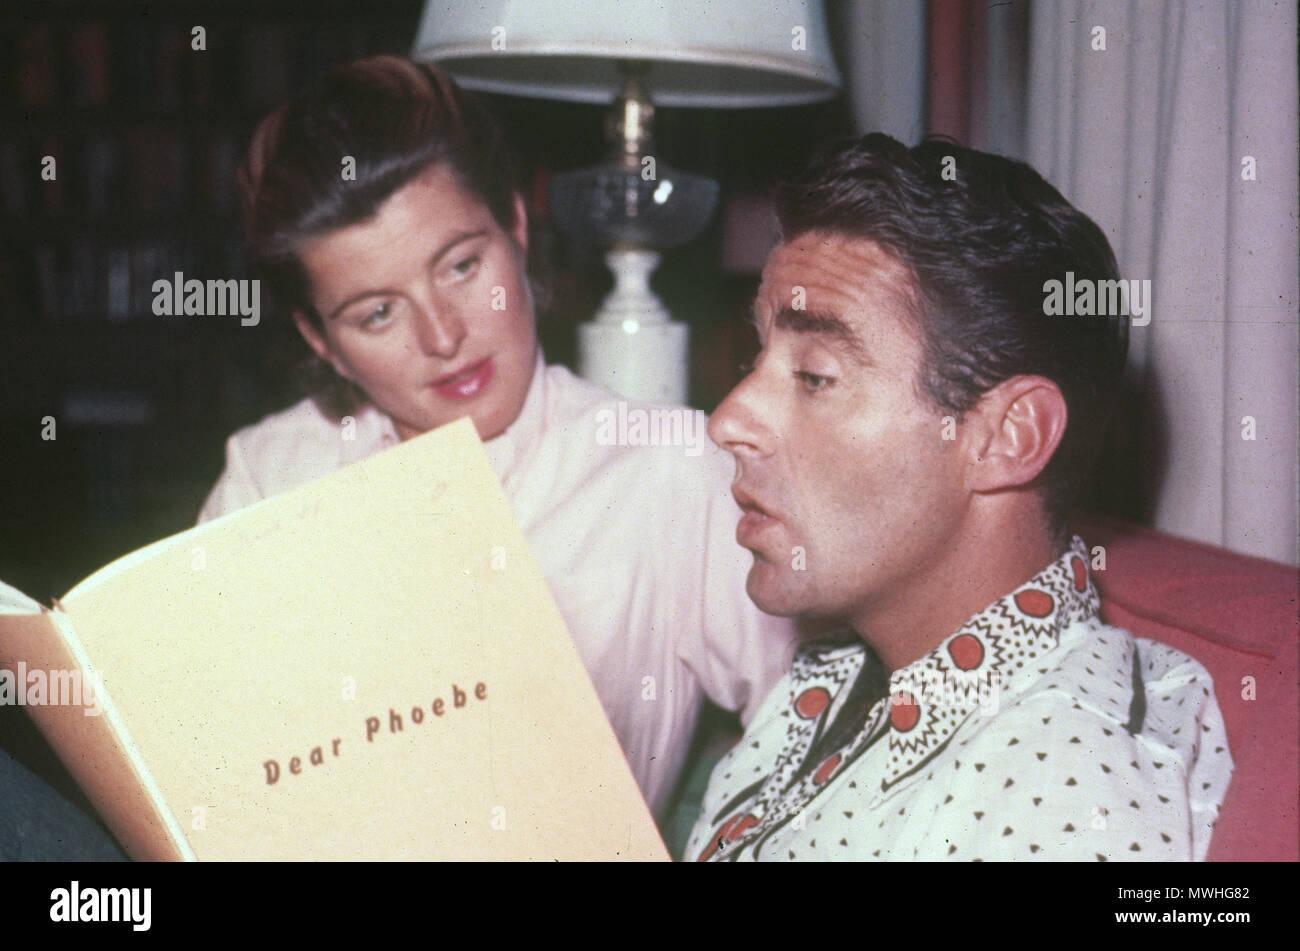 PETER LAWFORD (1923-1984), Anglo-amerikanische Schauspieler mit seiner ersten Frau Patricia im Jahr 1954. Er liest das Skript zu seinem Film Liebe Phoebe produziert, das Jahr. Stockbild